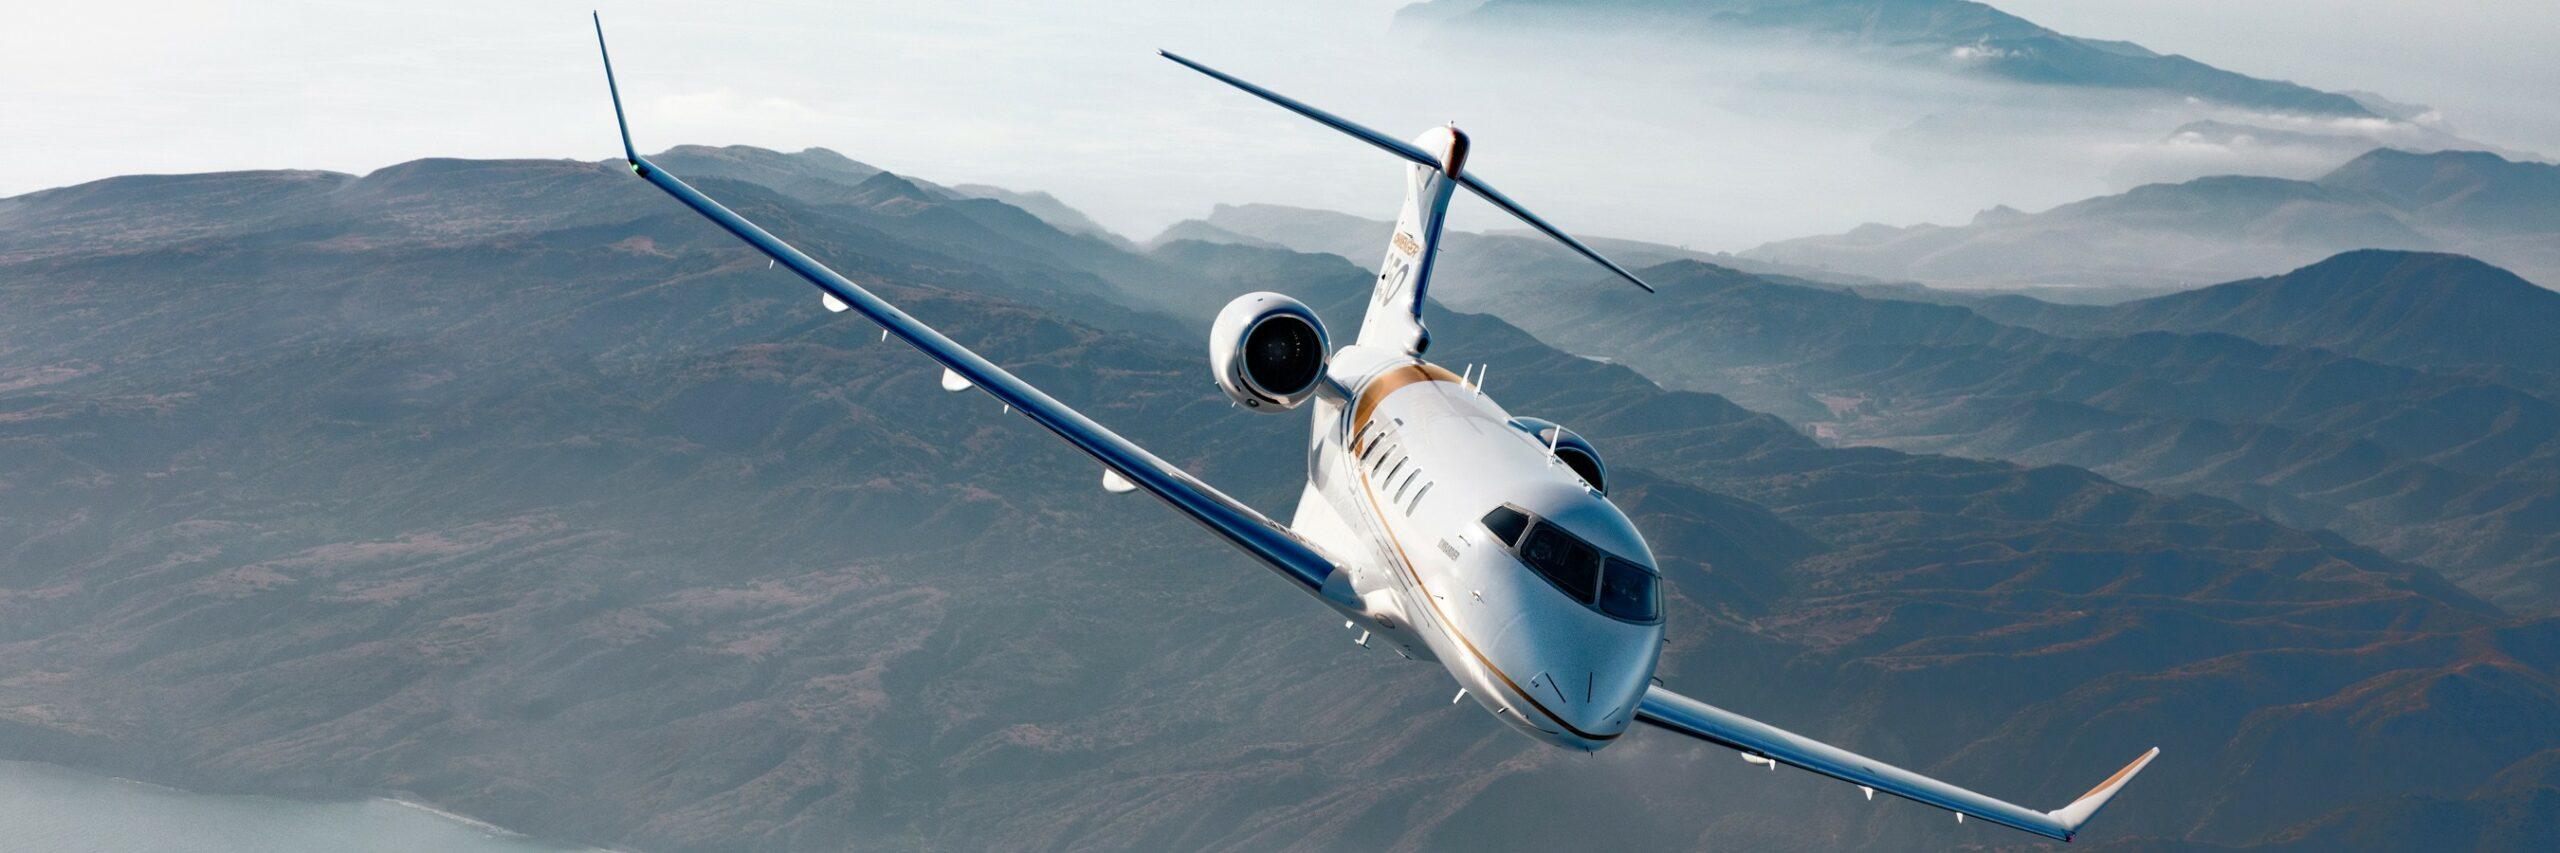 Latitude 33 Aviation ajoute avec fierté un autre avion d'affaires Challenger 350 neuf à sa flotte